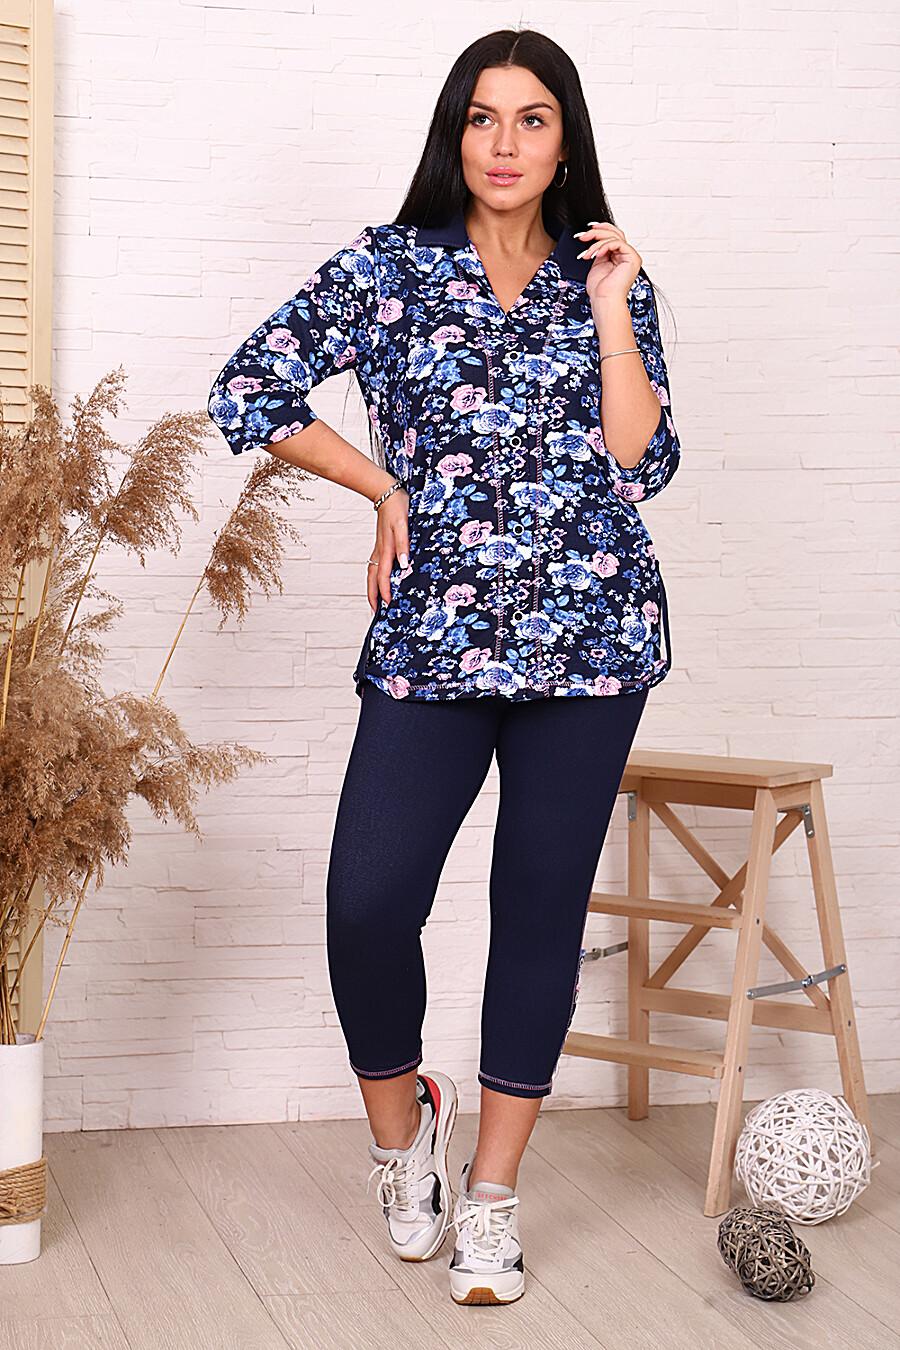 Костюм 4685 для женщин НАТАЛИ 649292 купить оптом от производителя. Совместная покупка женской одежды в OptMoyo